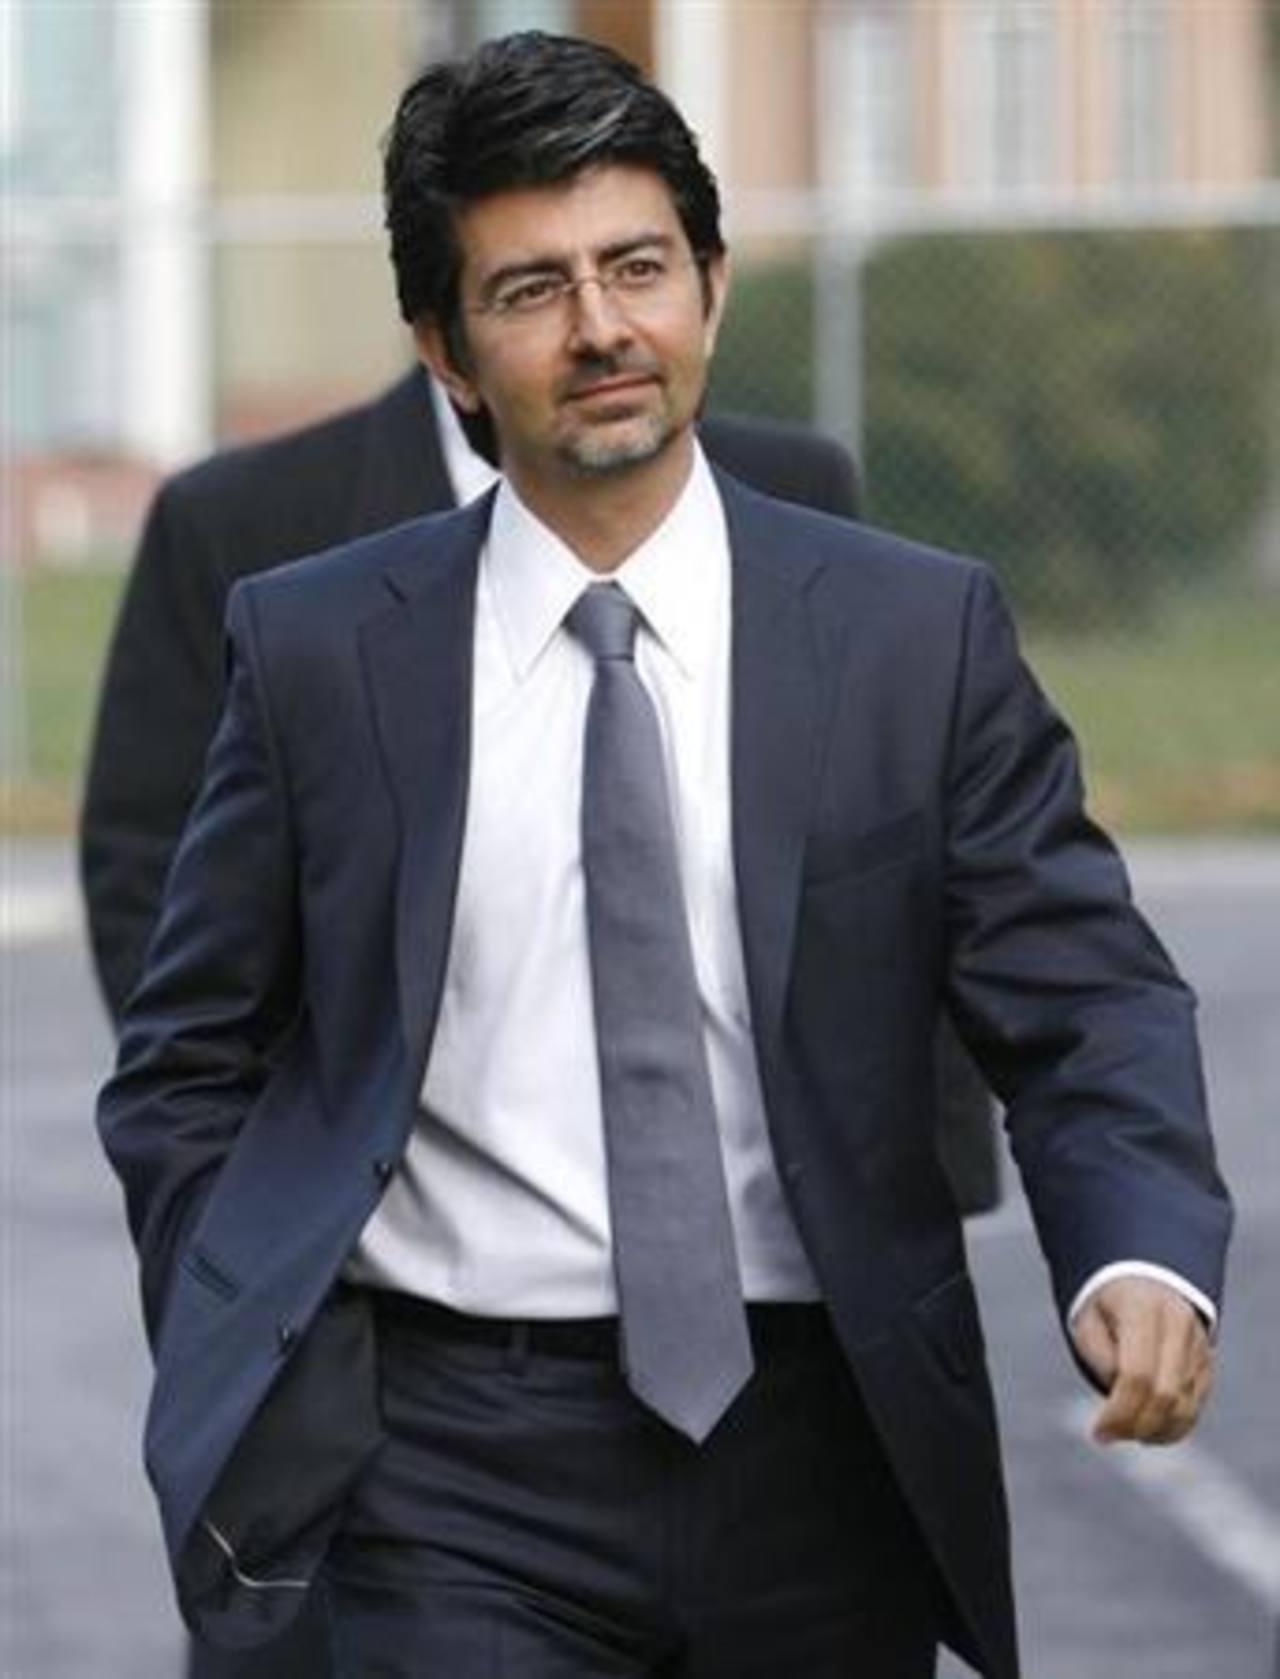 Pierre Omidyar creará una organización de medios que cubrirá desde política a deportes. foto EDH